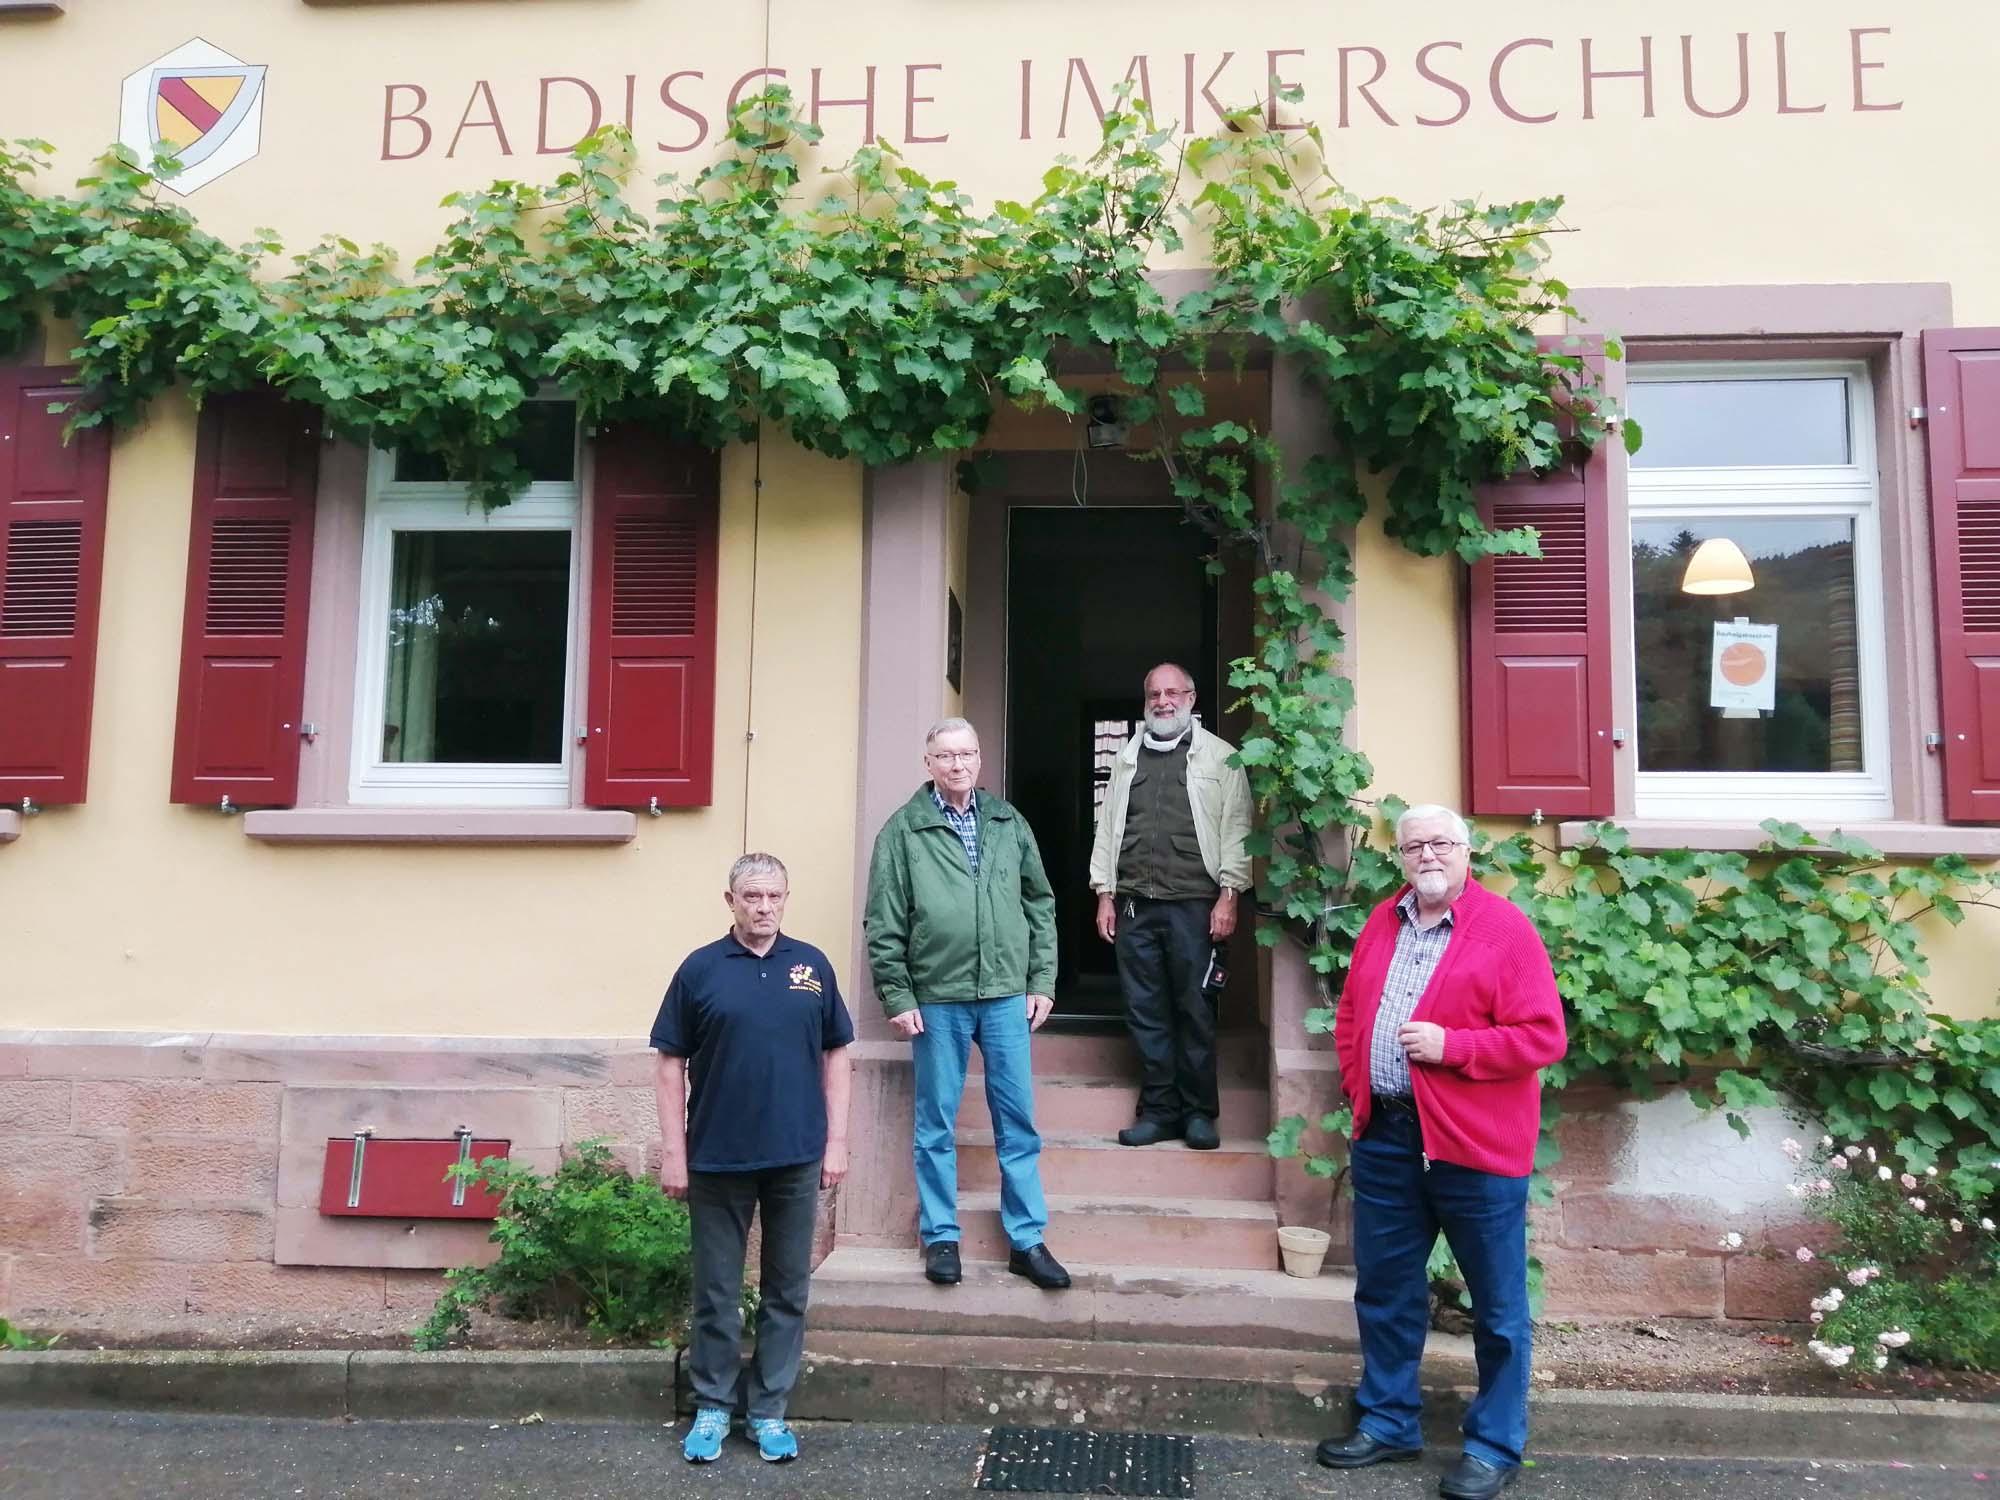 2020-7-10-ZE-OE-wk-Imkerschule-2020.06.18 Imkerschule